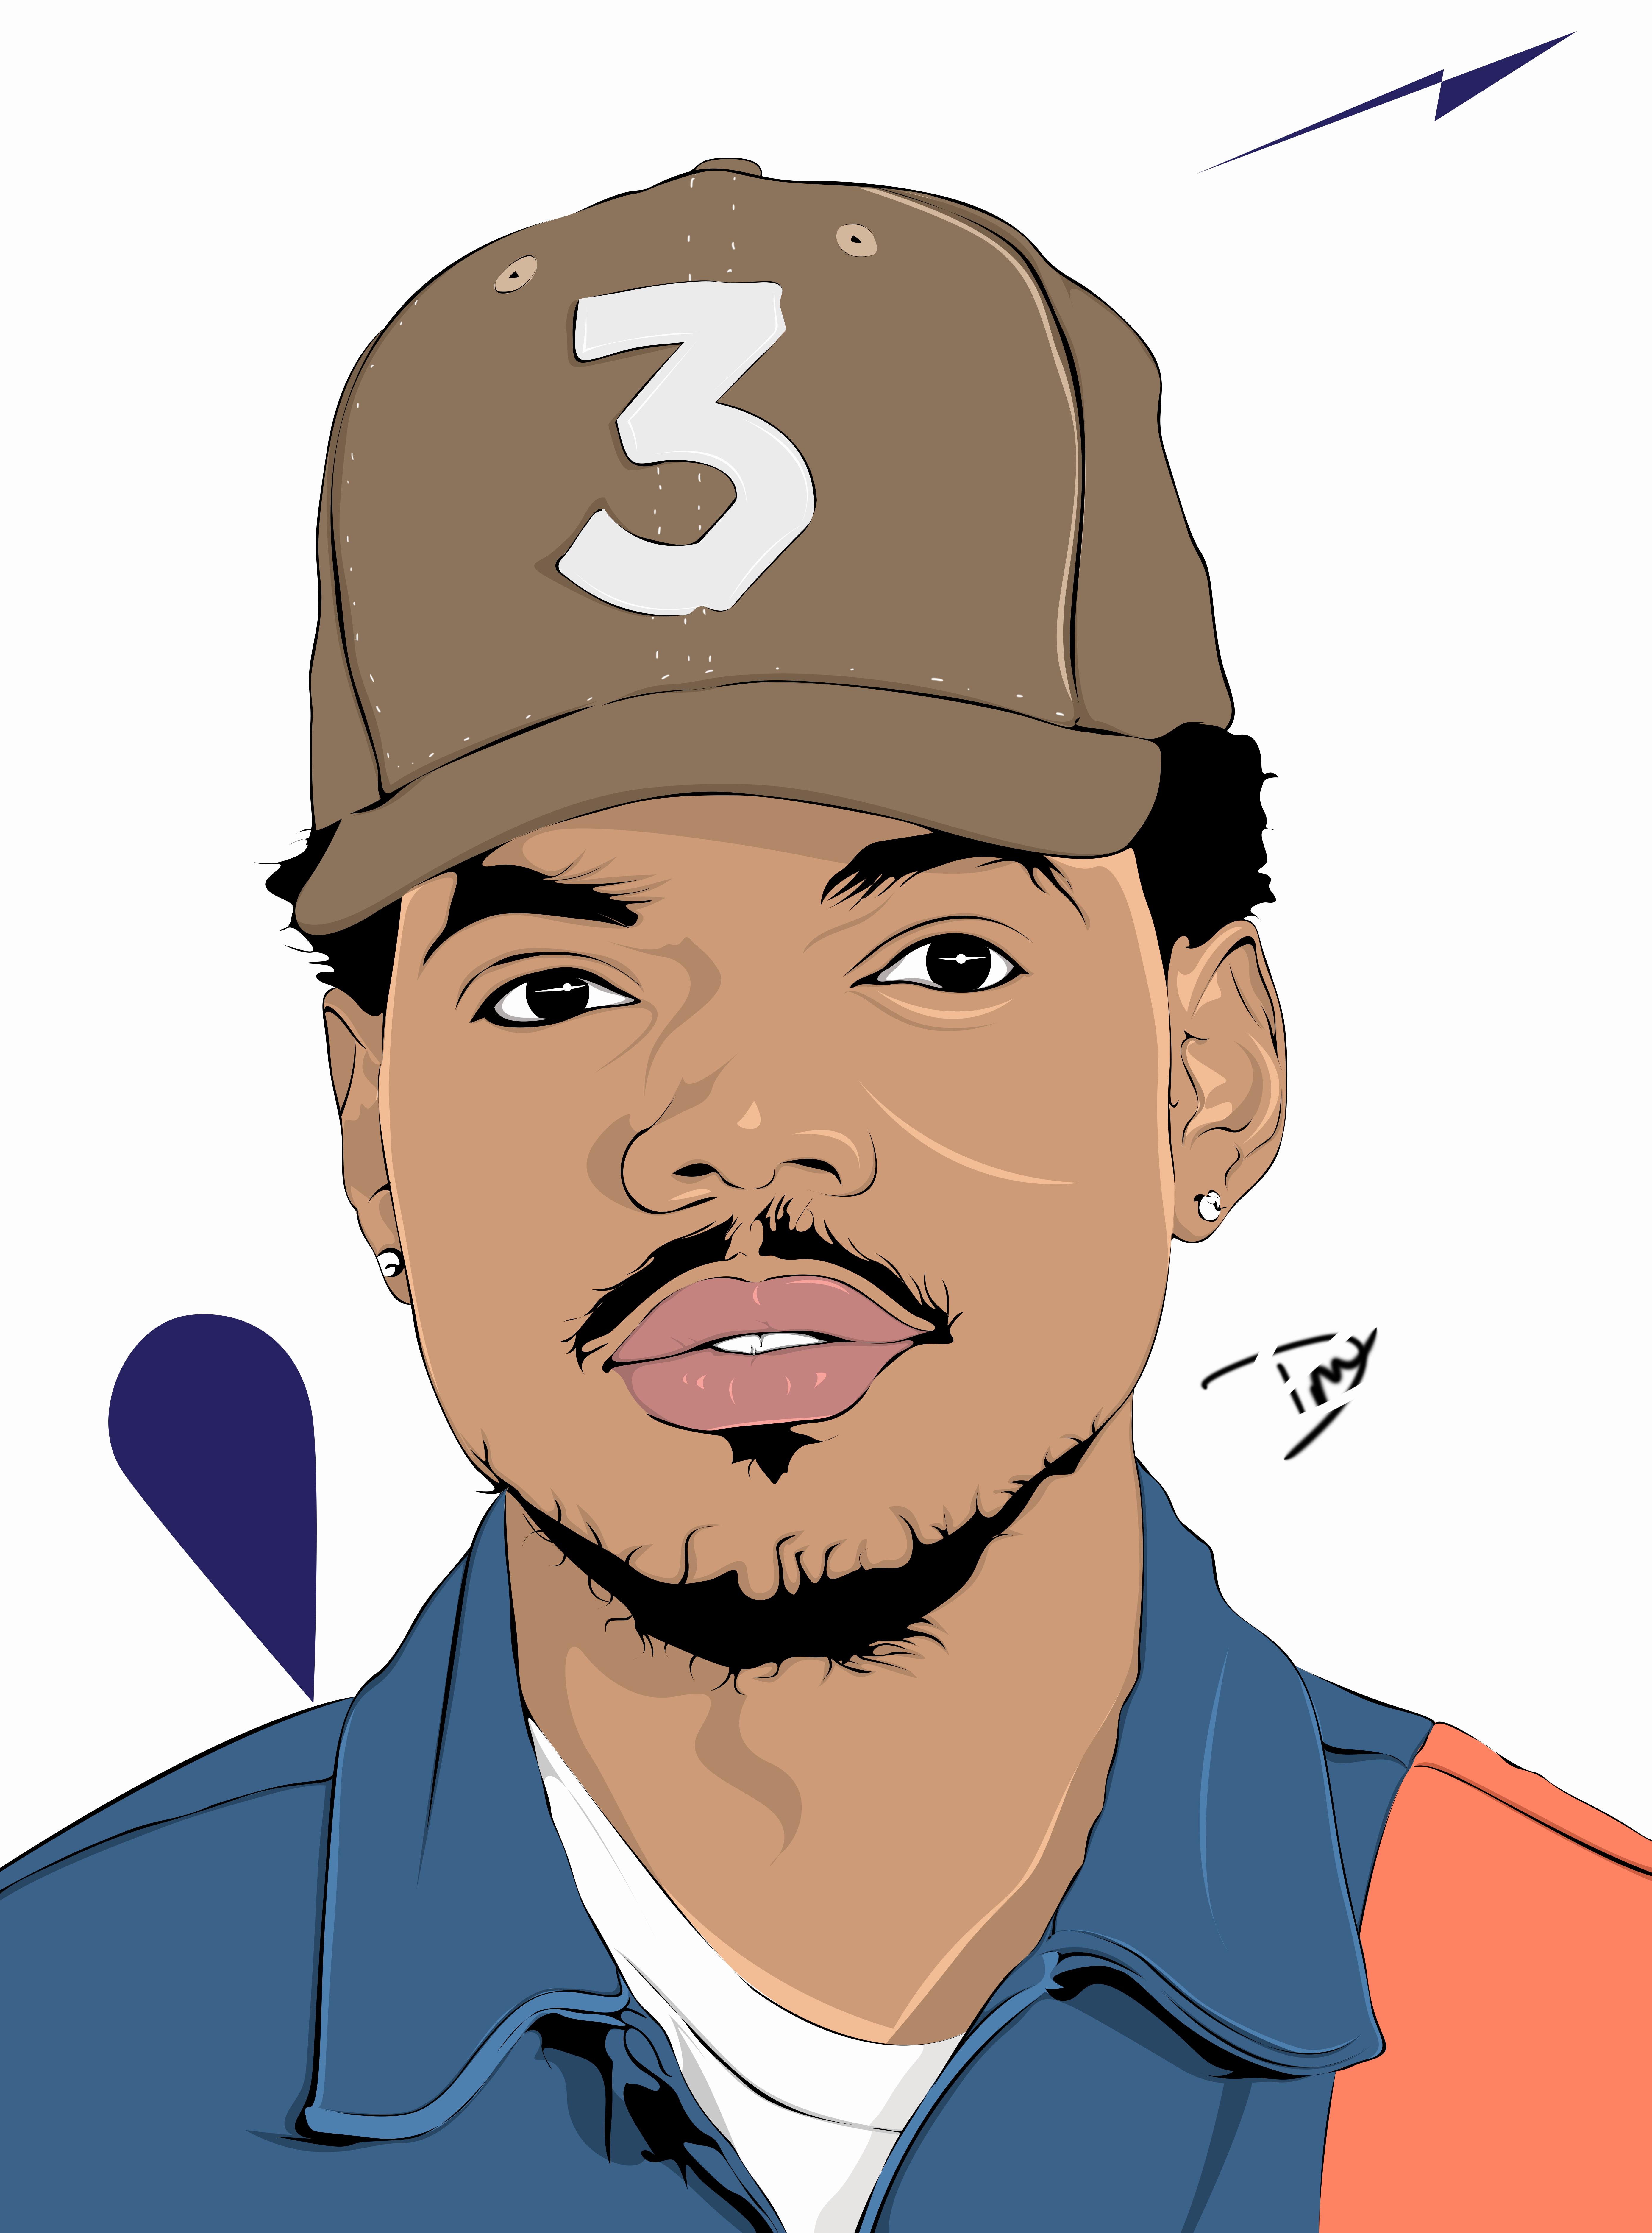 Chance The Rapper Vector Portrait Illustration Vector Portrait Illustration Chance The Rapper Art Portrait Illustration